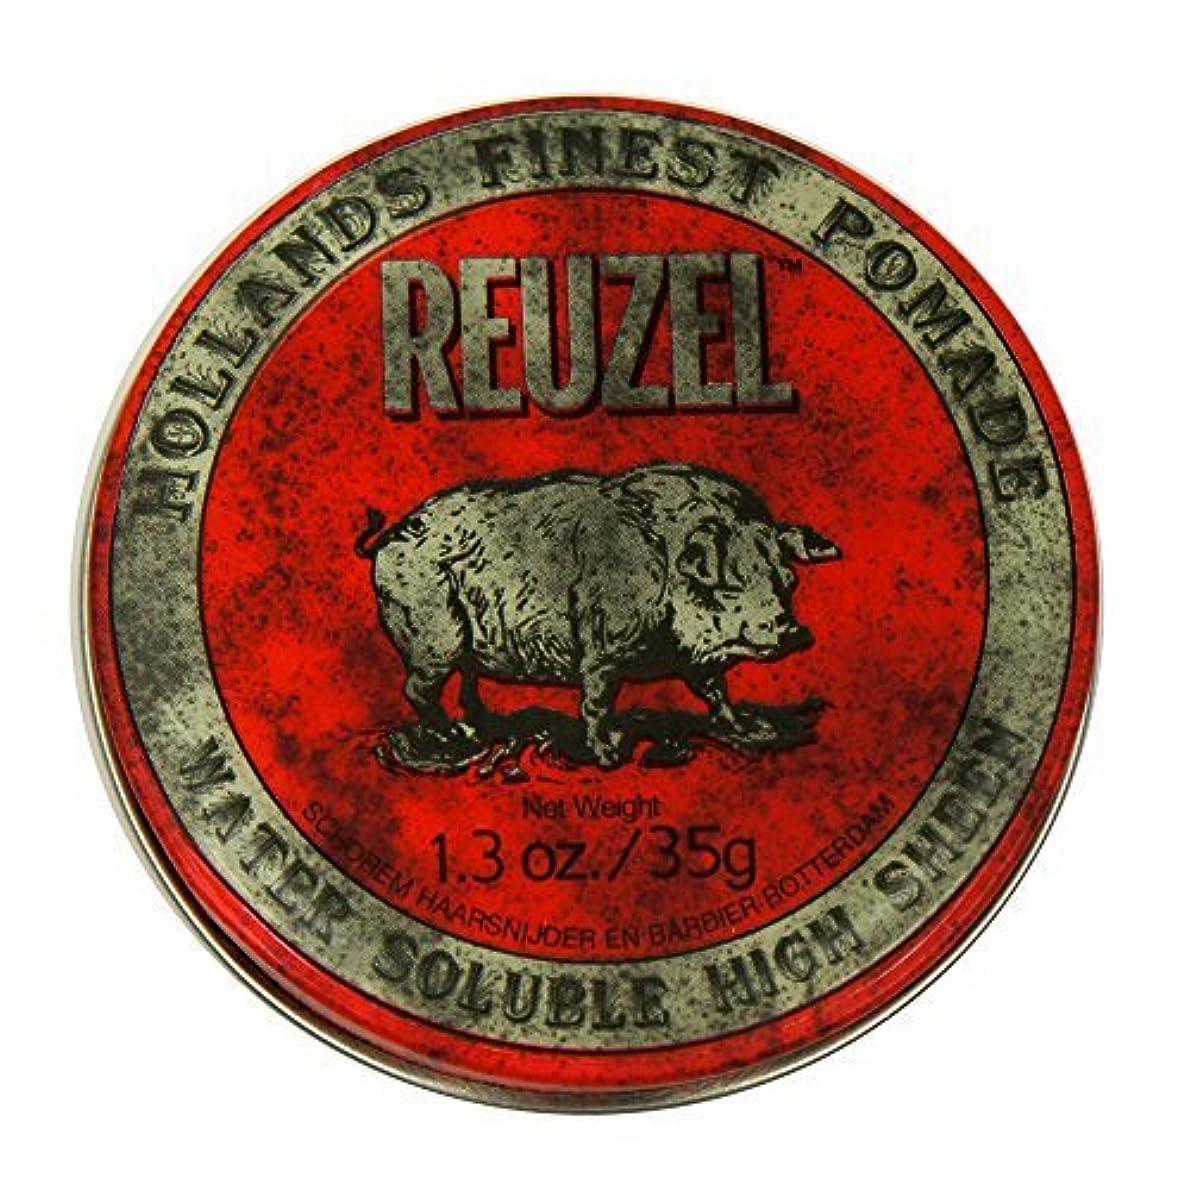 流産安全なレインコートReuzel Red Hair Pomade Piglet 1.3oz [並行輸入品]